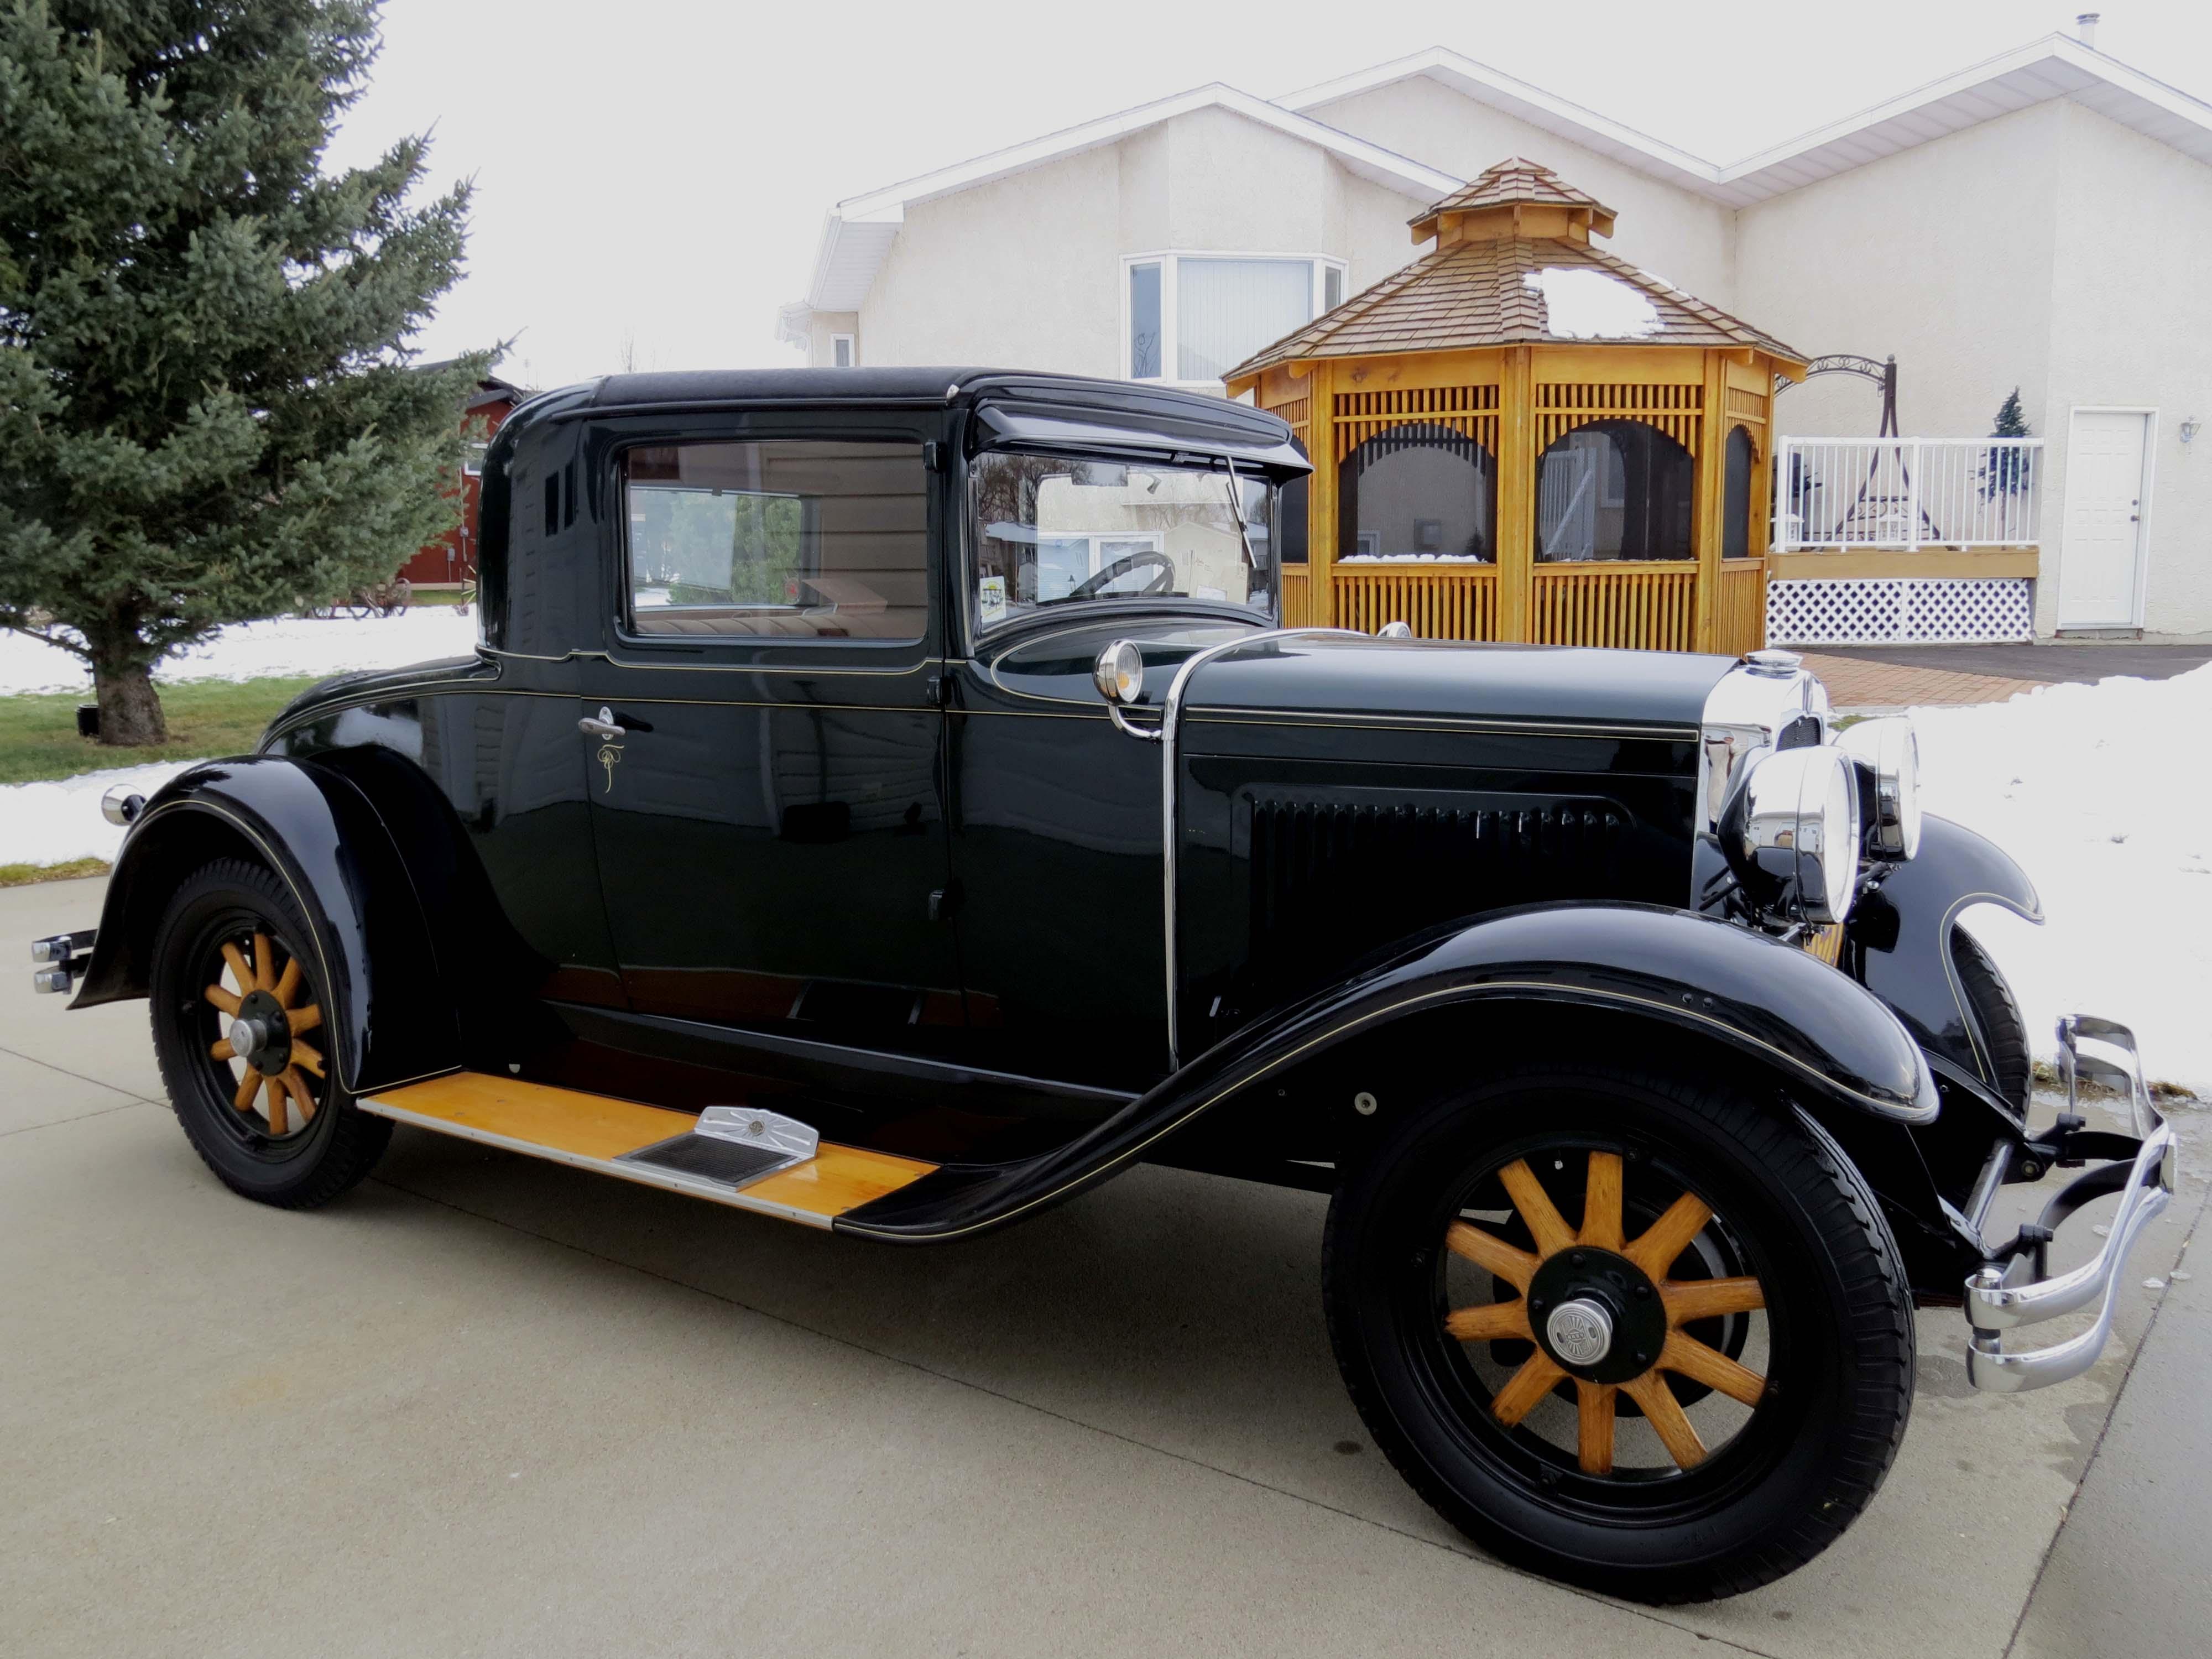 jimsclassiccorner.com – 1929 Nash Model 425